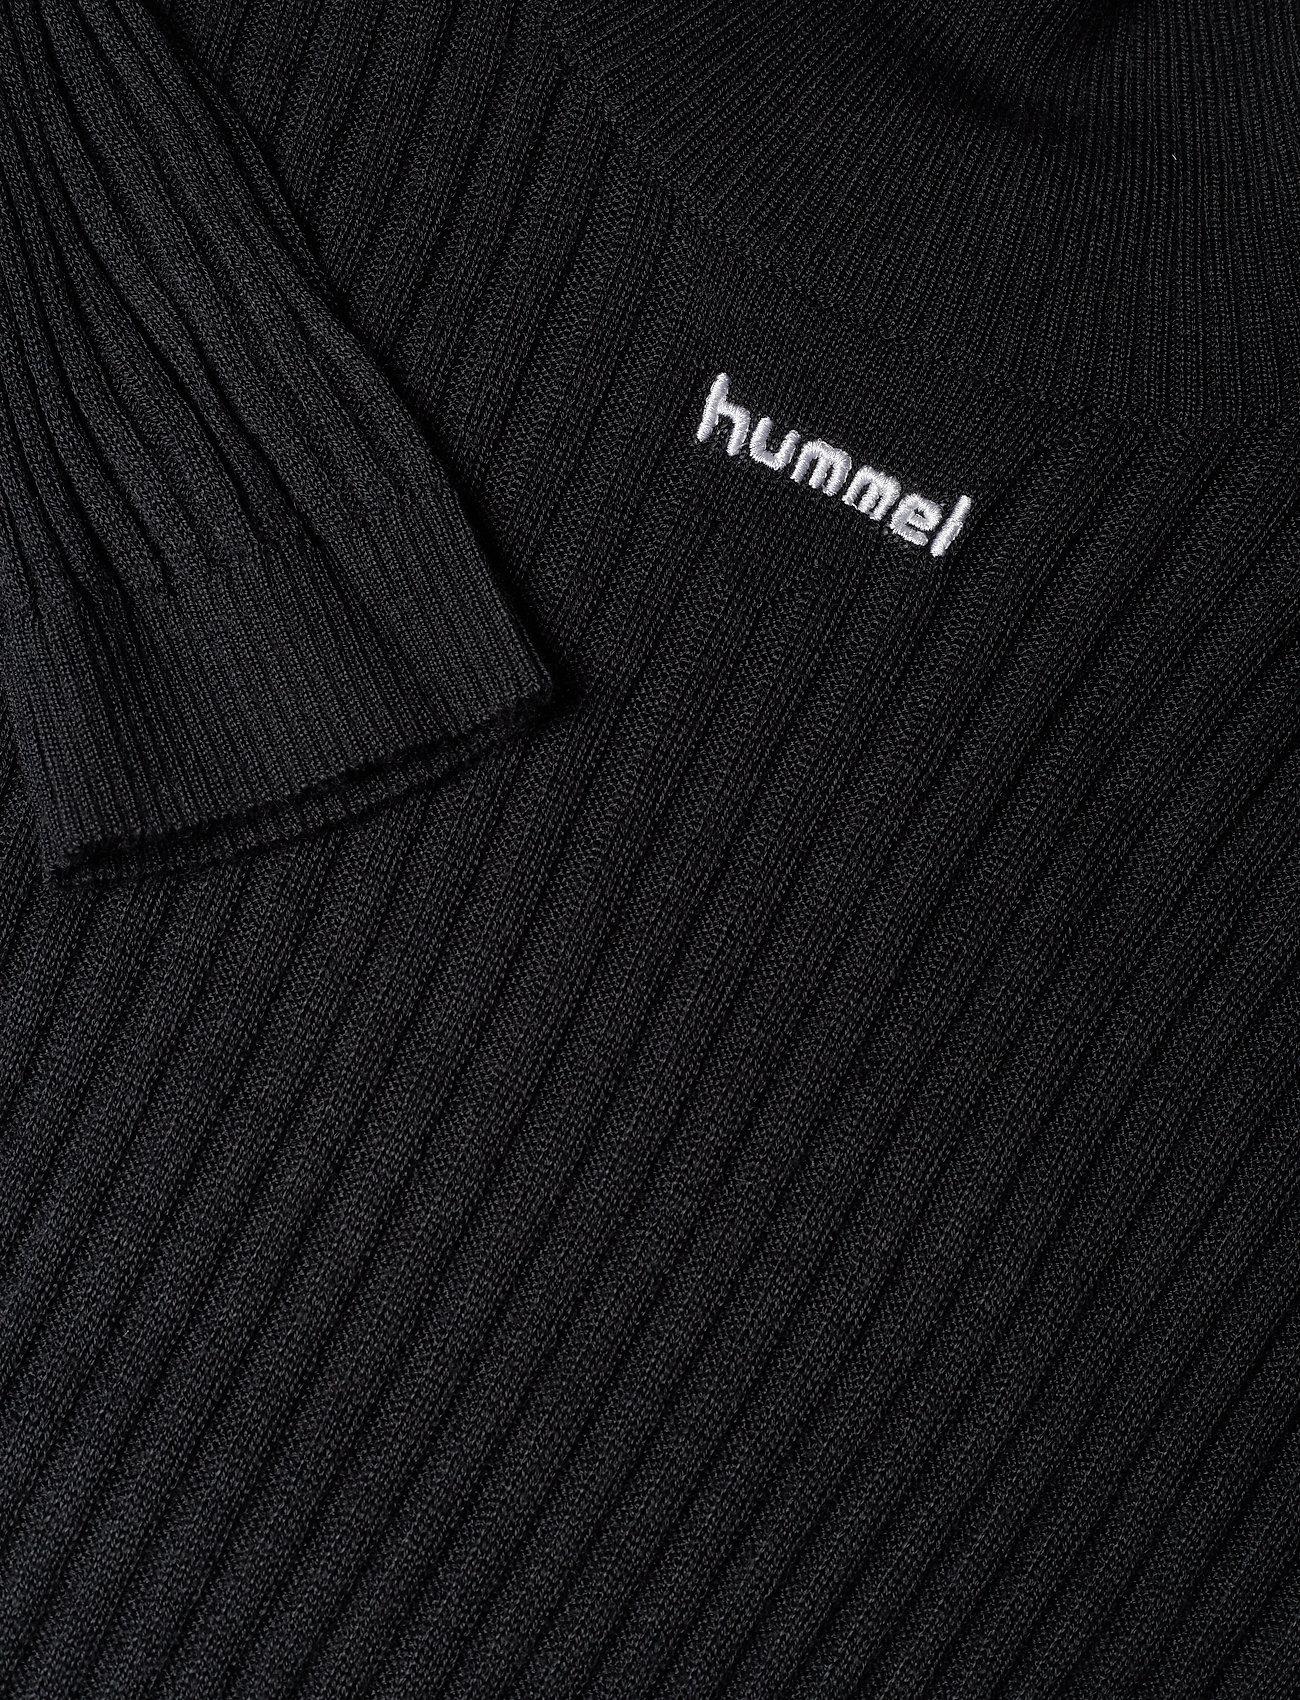 Hmlcita Knit L/s (Black) (34.97 €) - Hummel Hive Yzo11